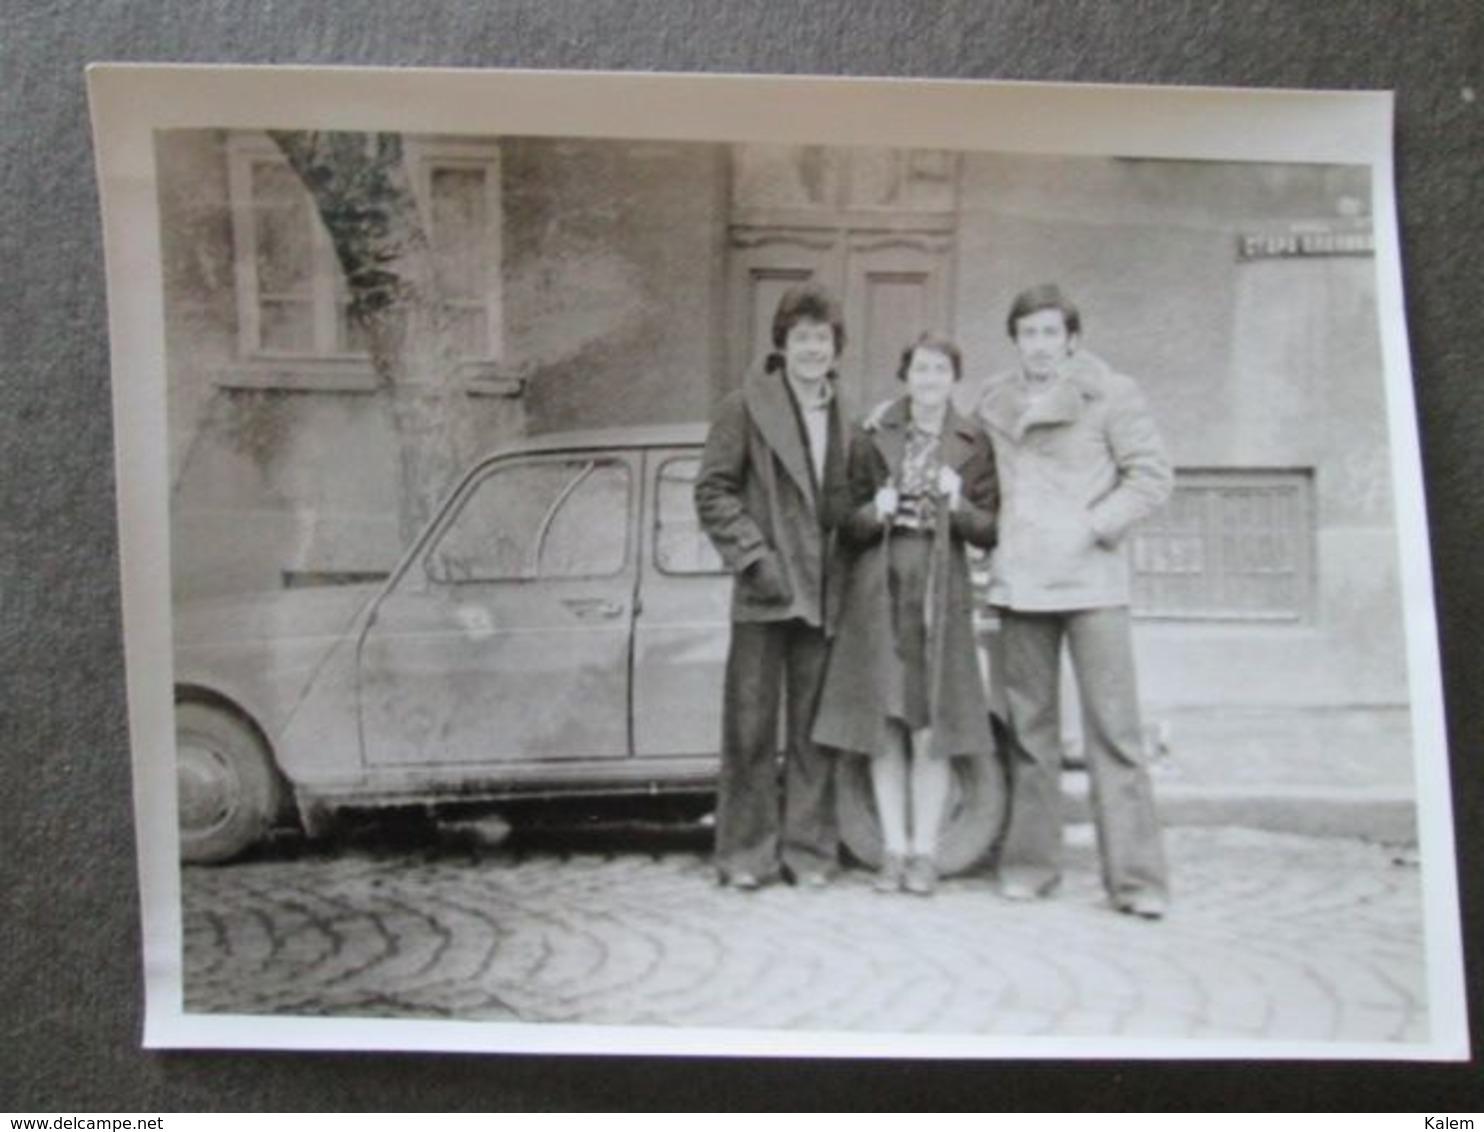 GROUP PHOTO WITH RENAULT CAR,PHOTO DE GROUPE AVEC RENAULT CAR, ORIGINAL PHOTO - Personnes Anonymes